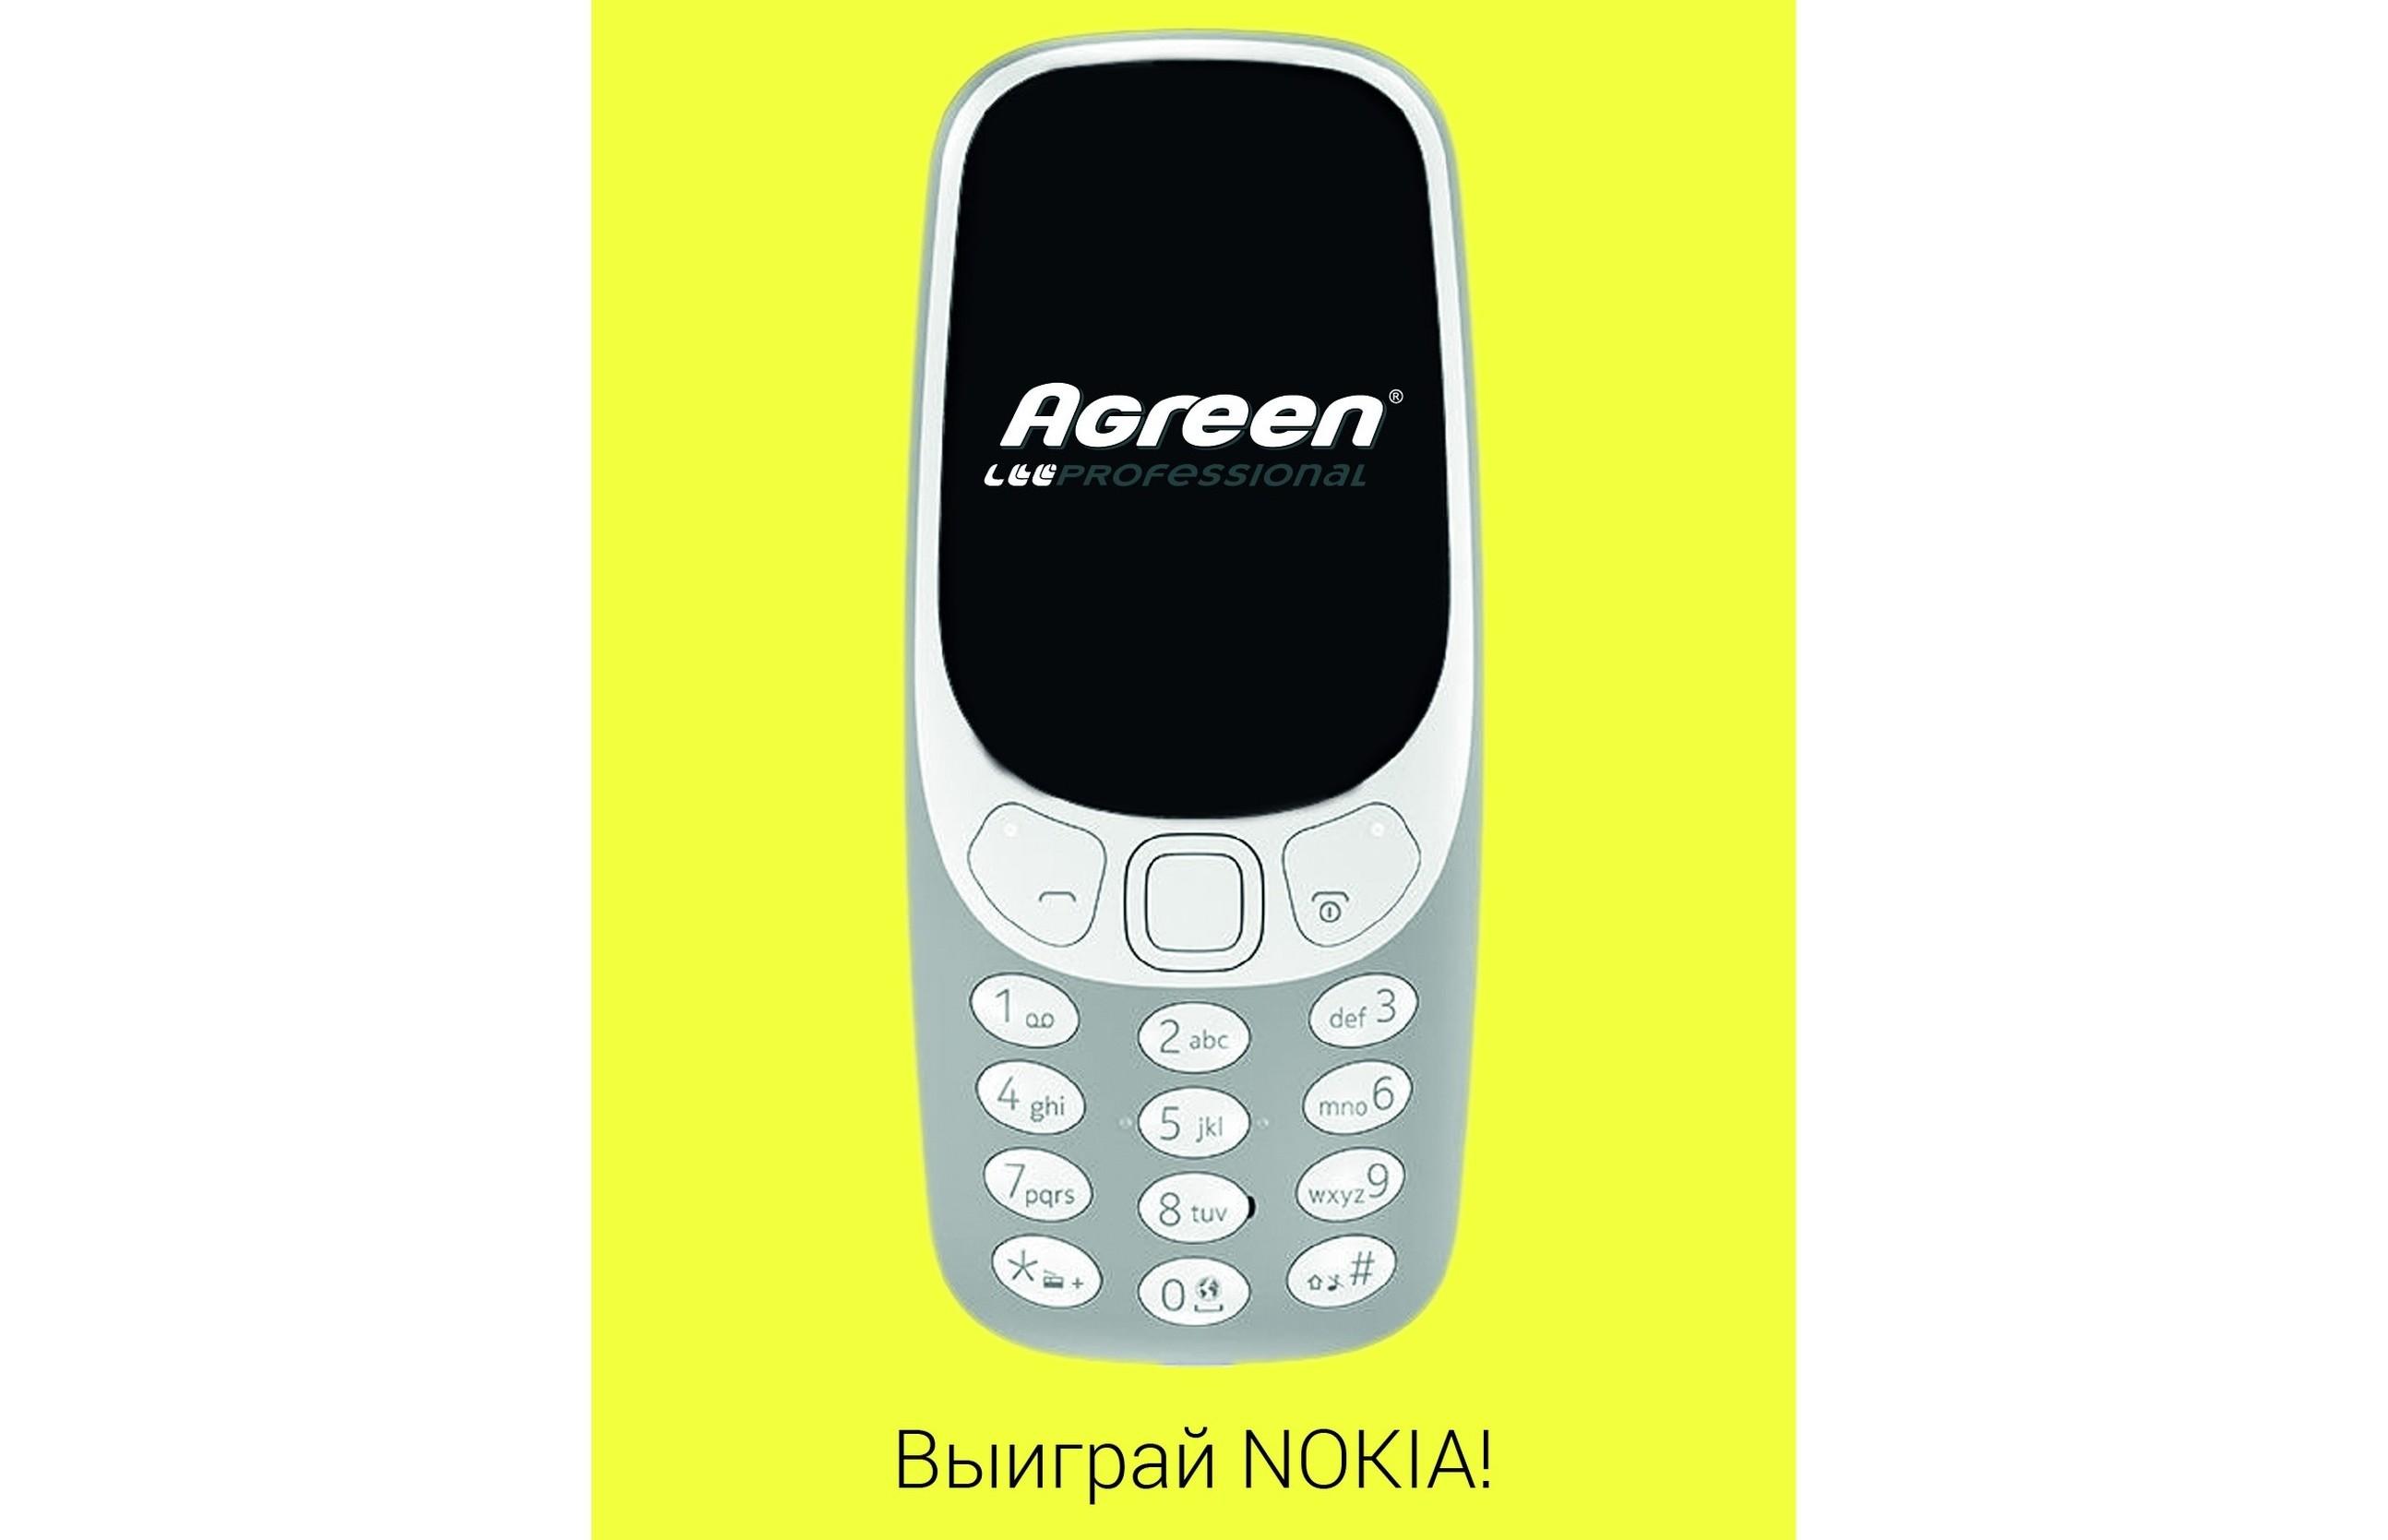 """Акция """"Выиграй Sigma"""" передает эстафету акции  """"Выиграй Nokia""""!!"""